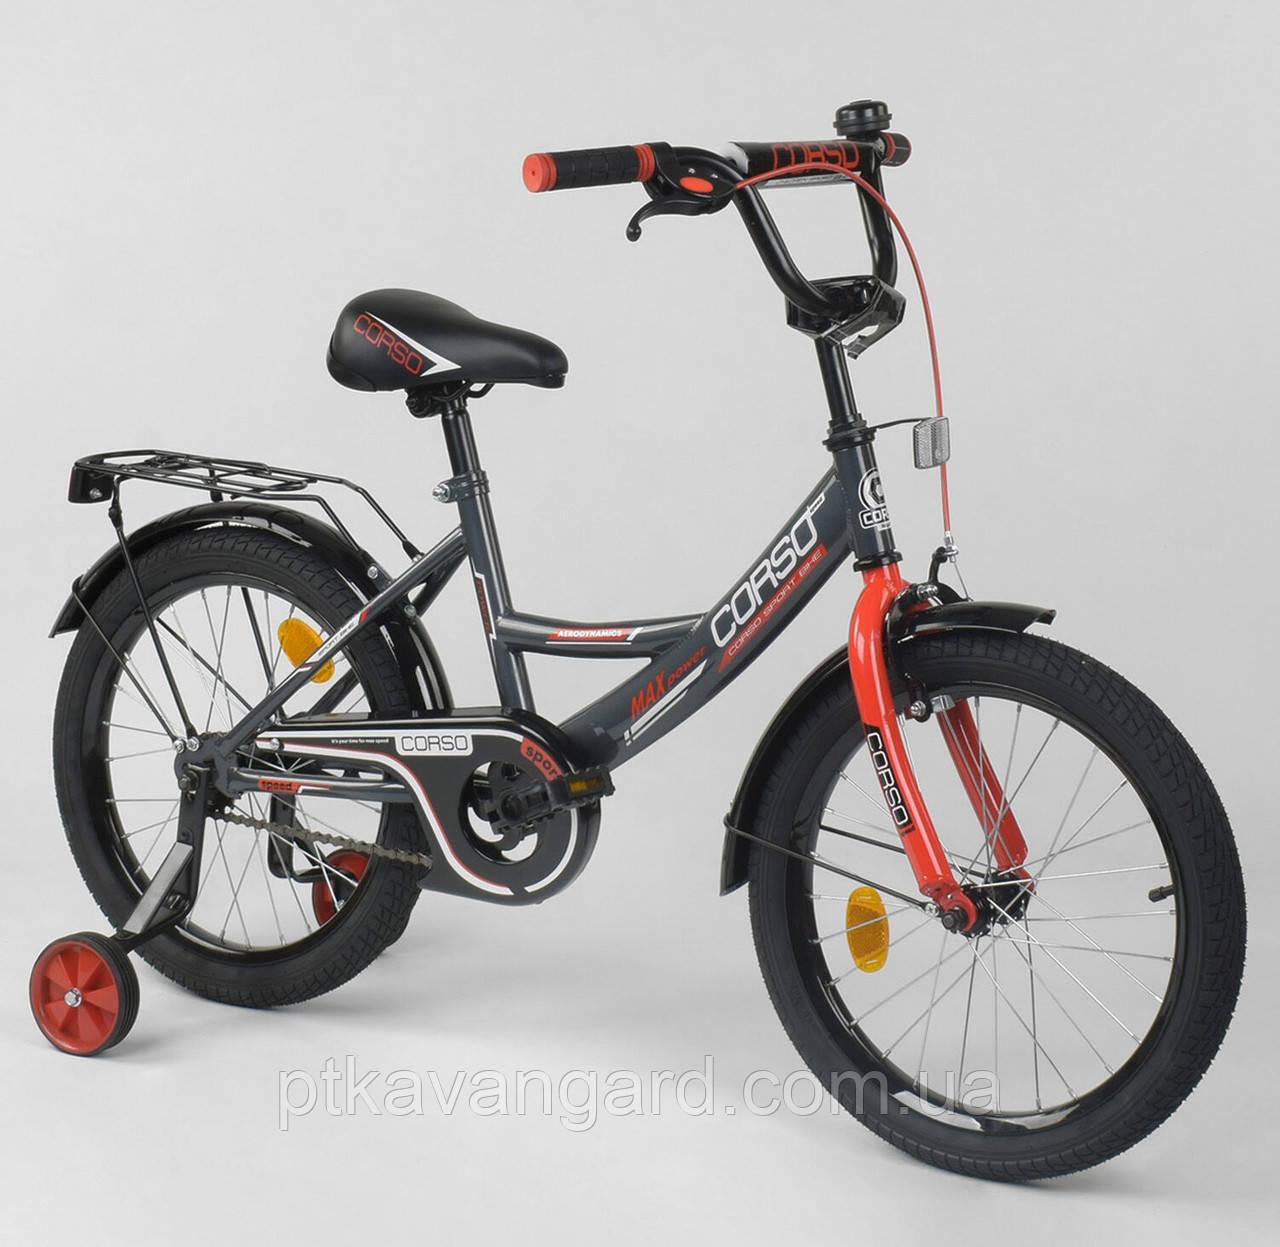 """Велосипед двухколёсный 18"""" CORSO СЕРО-КРАСНЫЙ, СТАЛЬНАЯ РАМА, ручной тормоз CL-18 R 0059"""